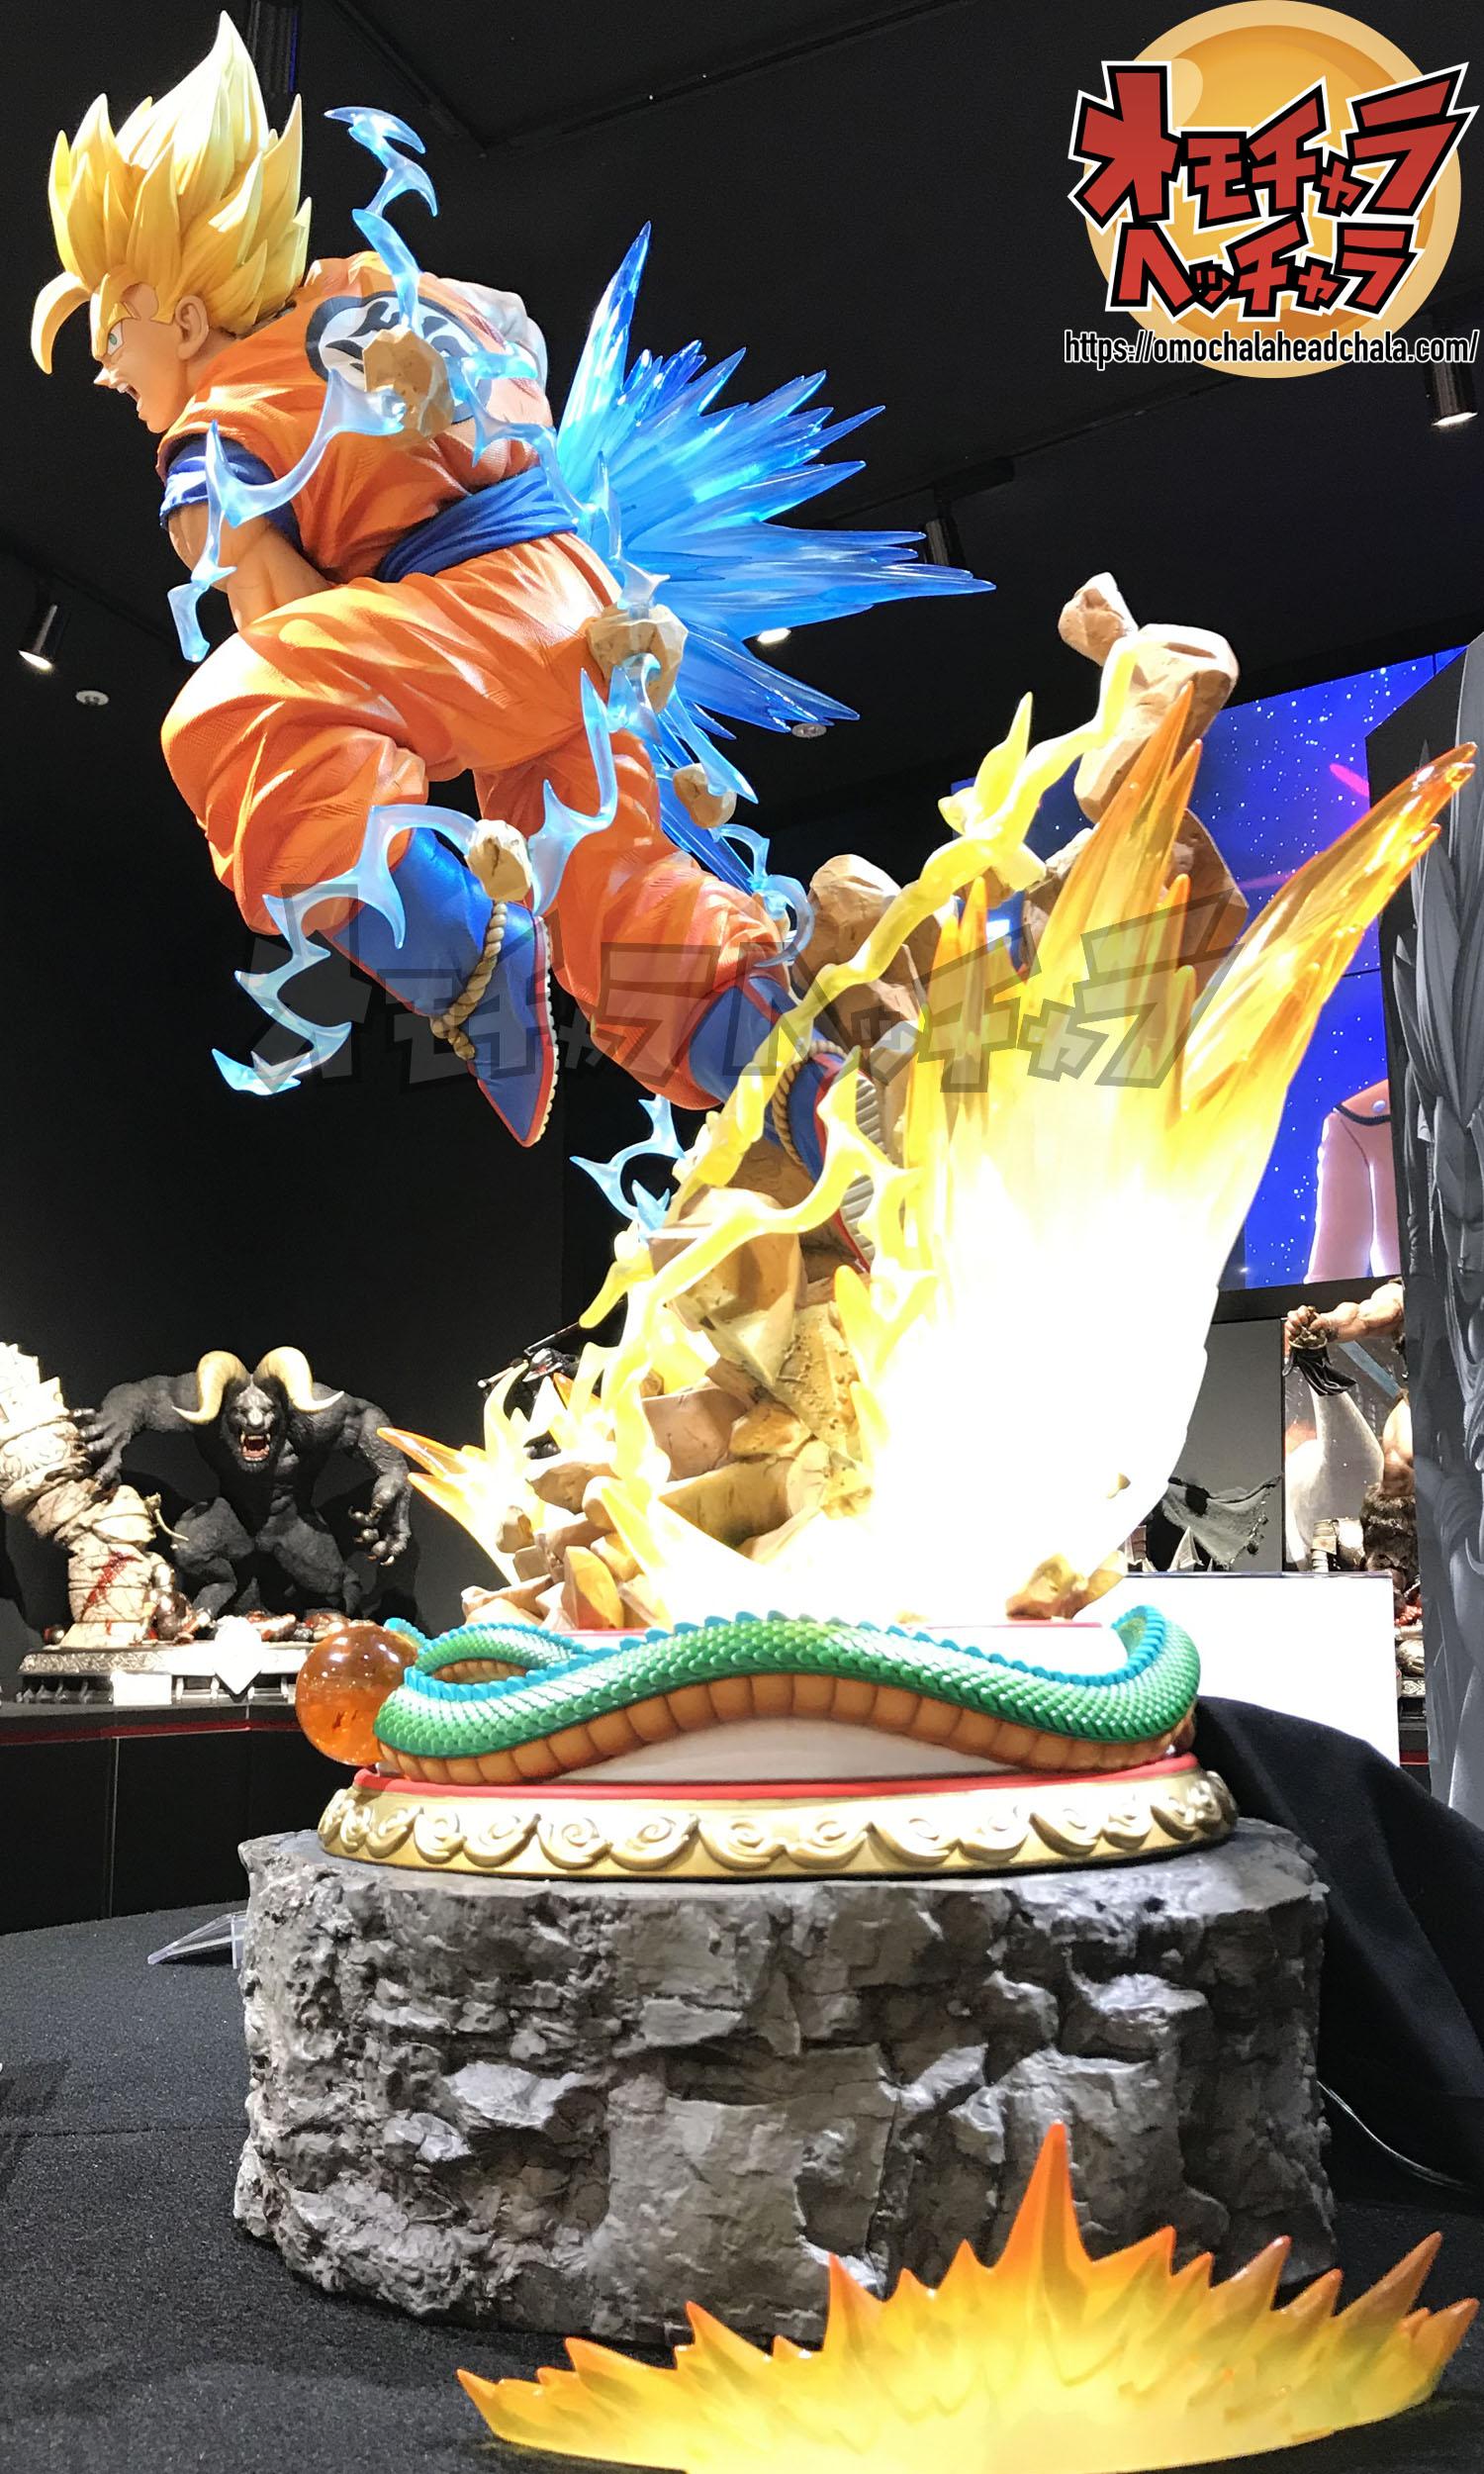 """ドラゴンボールフィギュアレビューブログのPrime1Studio(プライムワンスタジオ)×MegaHouse(メガハウス)孫悟空""""超サイヤ人""""DX版"""